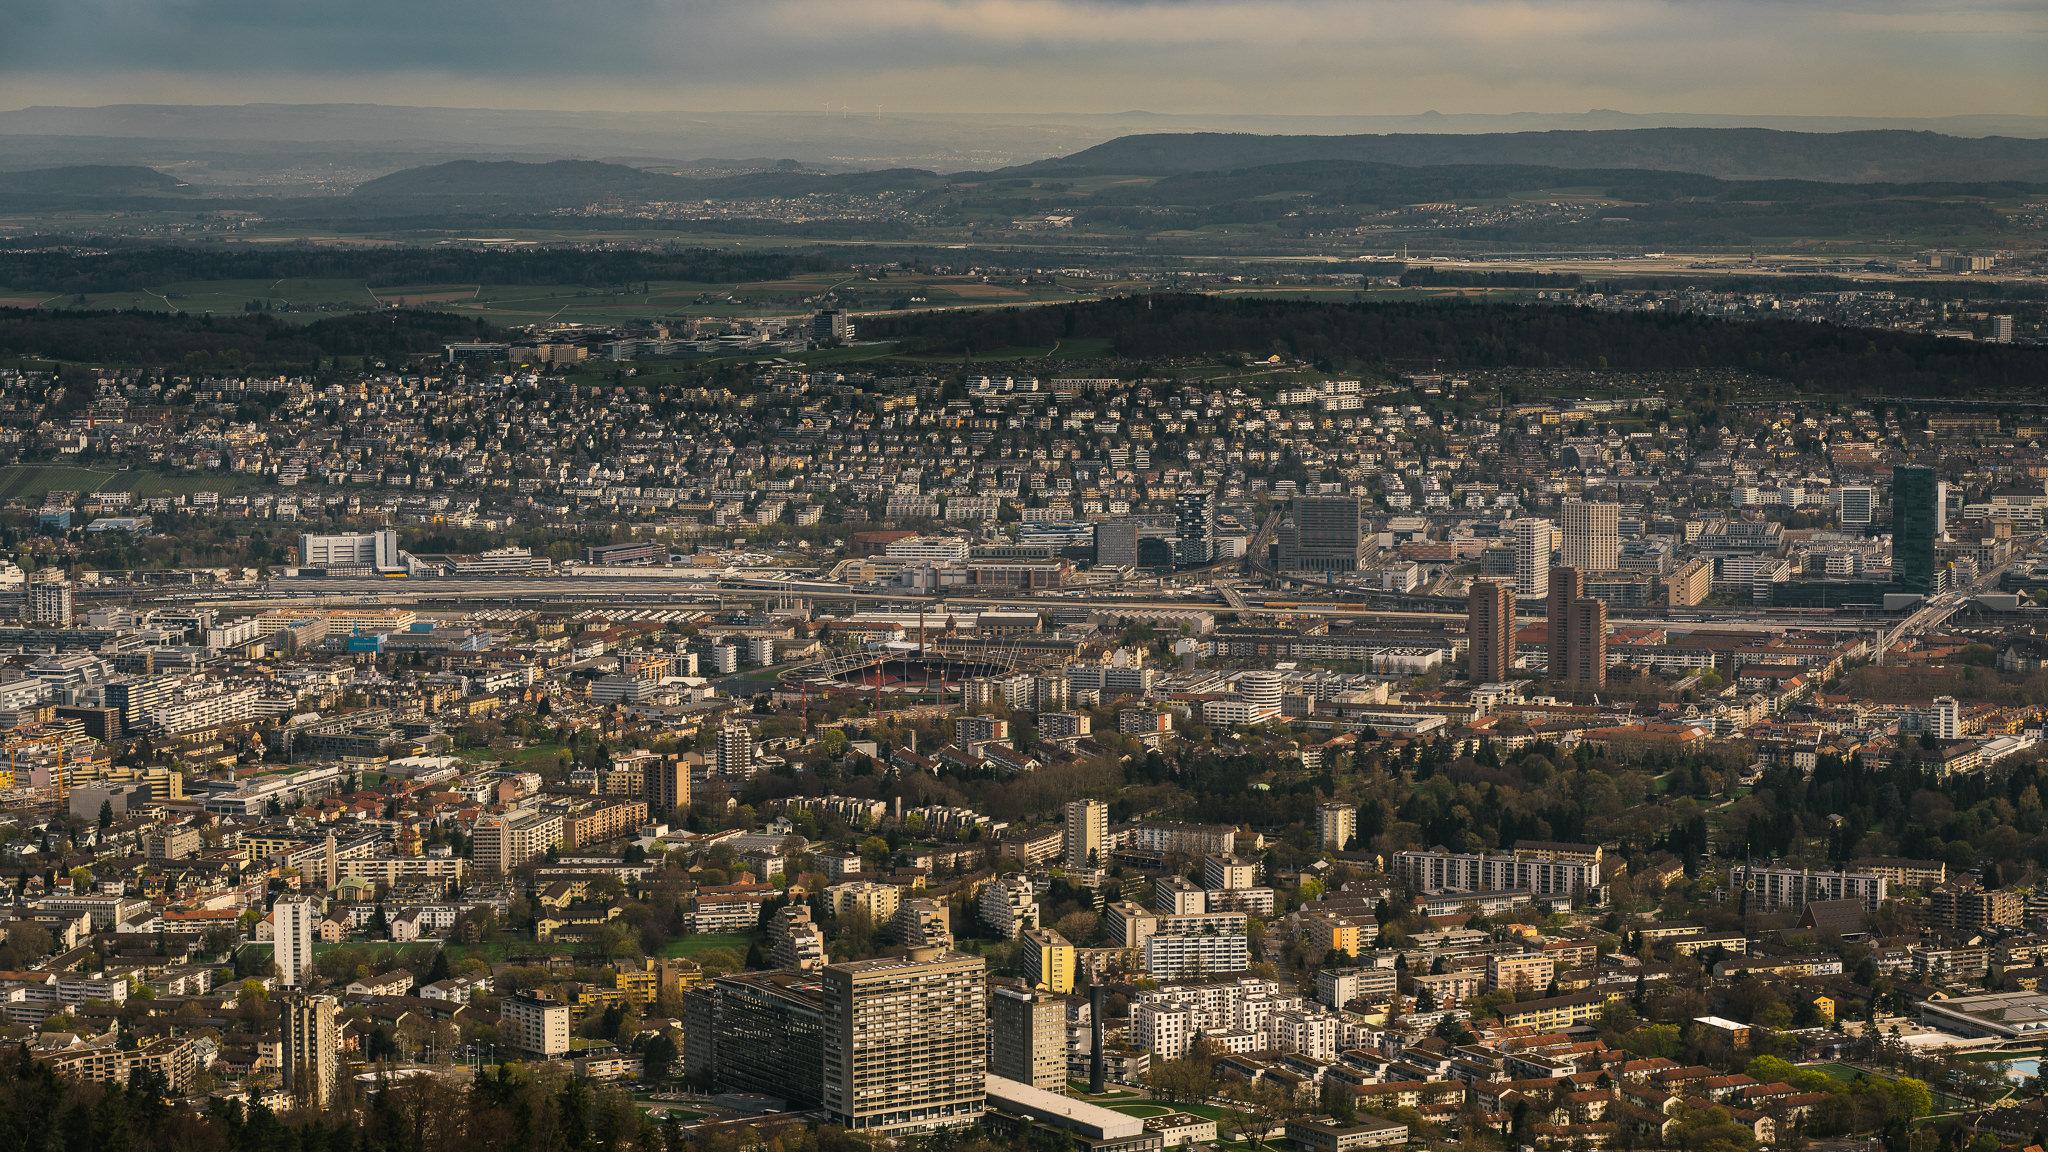 Zurich-12042018-DSC02758_insta-2.jpg